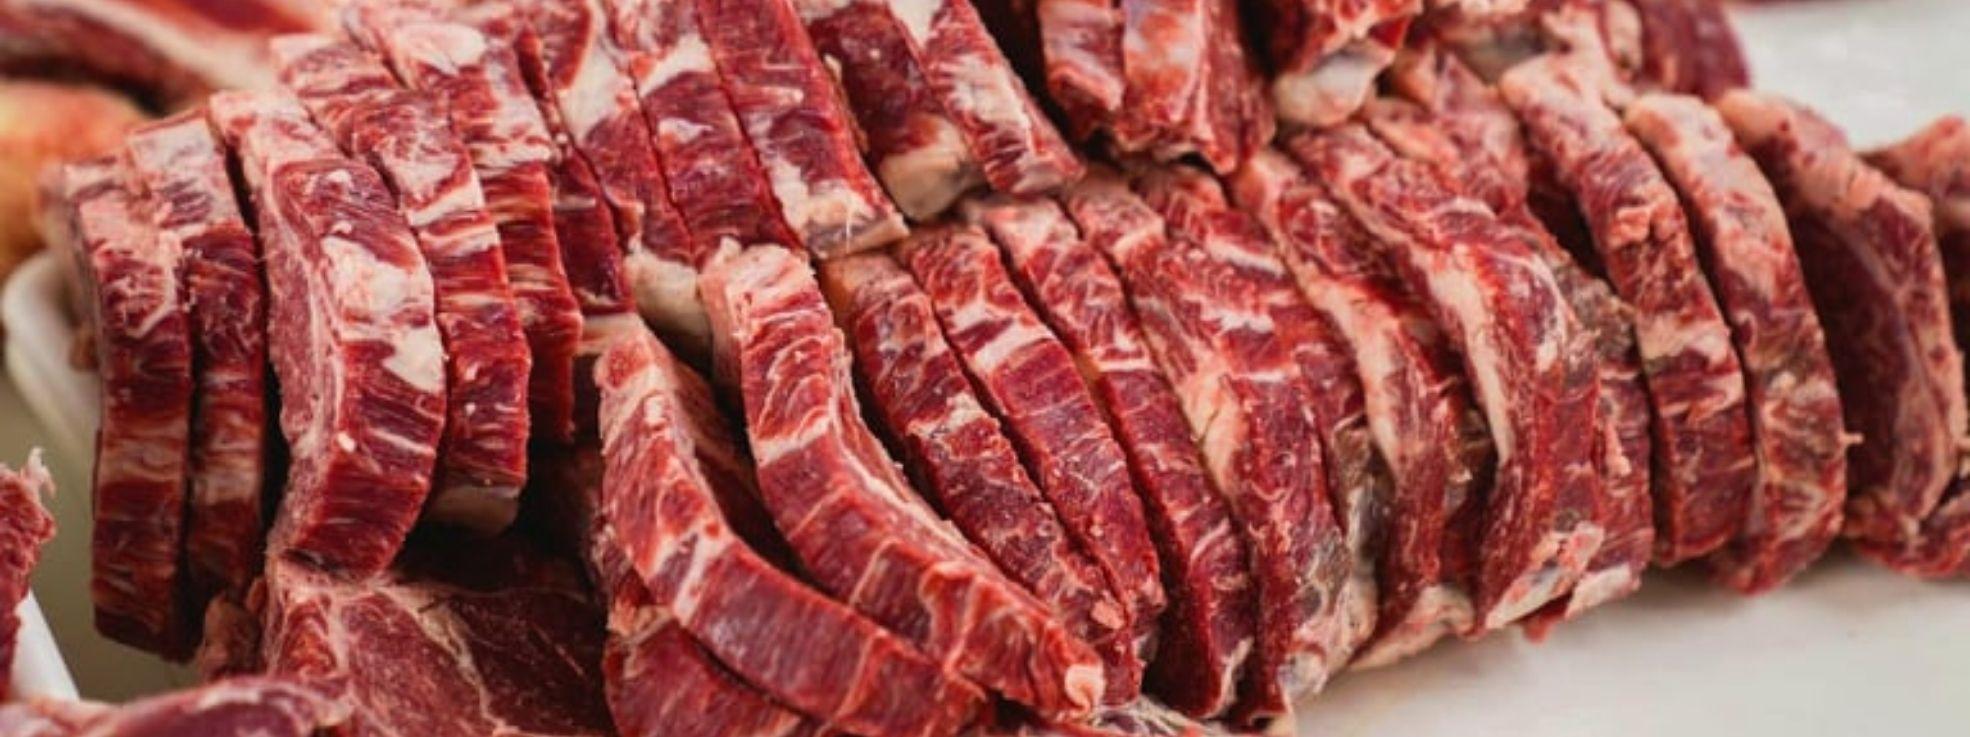 گوشت کو فریج میں کیسے محفوظ کریں؟